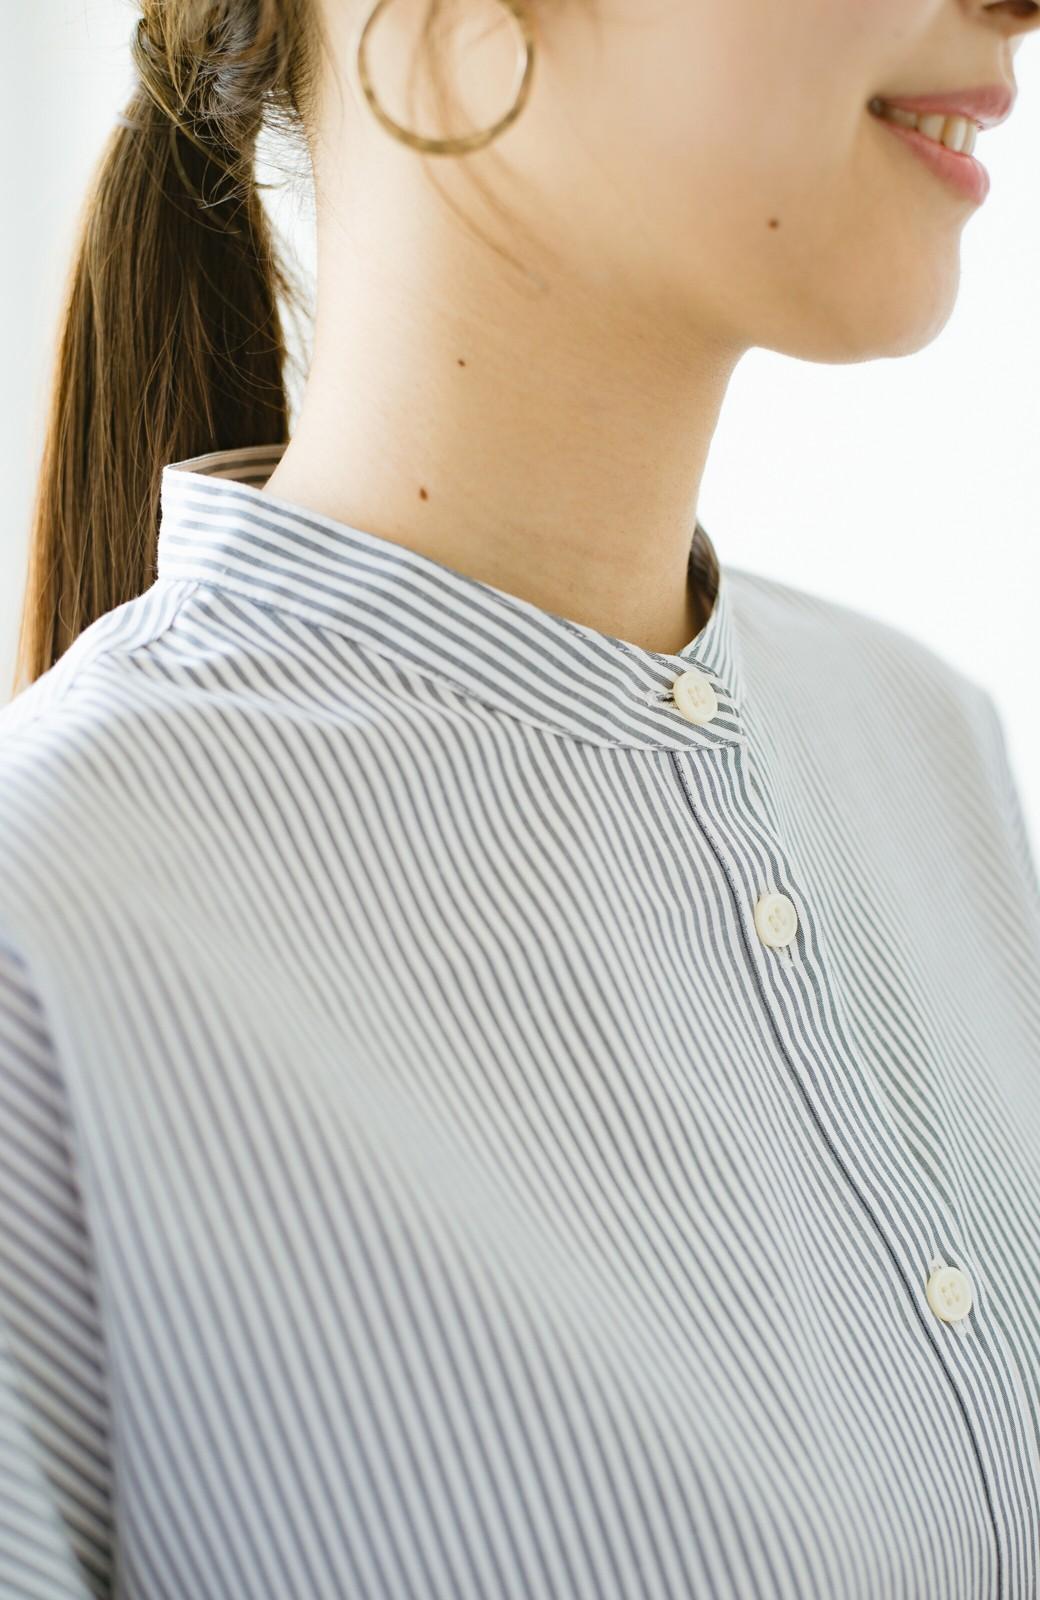 haco! 【あまる肩幅党】肩幅広めがなんのその! きちんと見えて肩まわりゆったりの定番スタンドカラーシャツ <ストライプ>の商品写真4